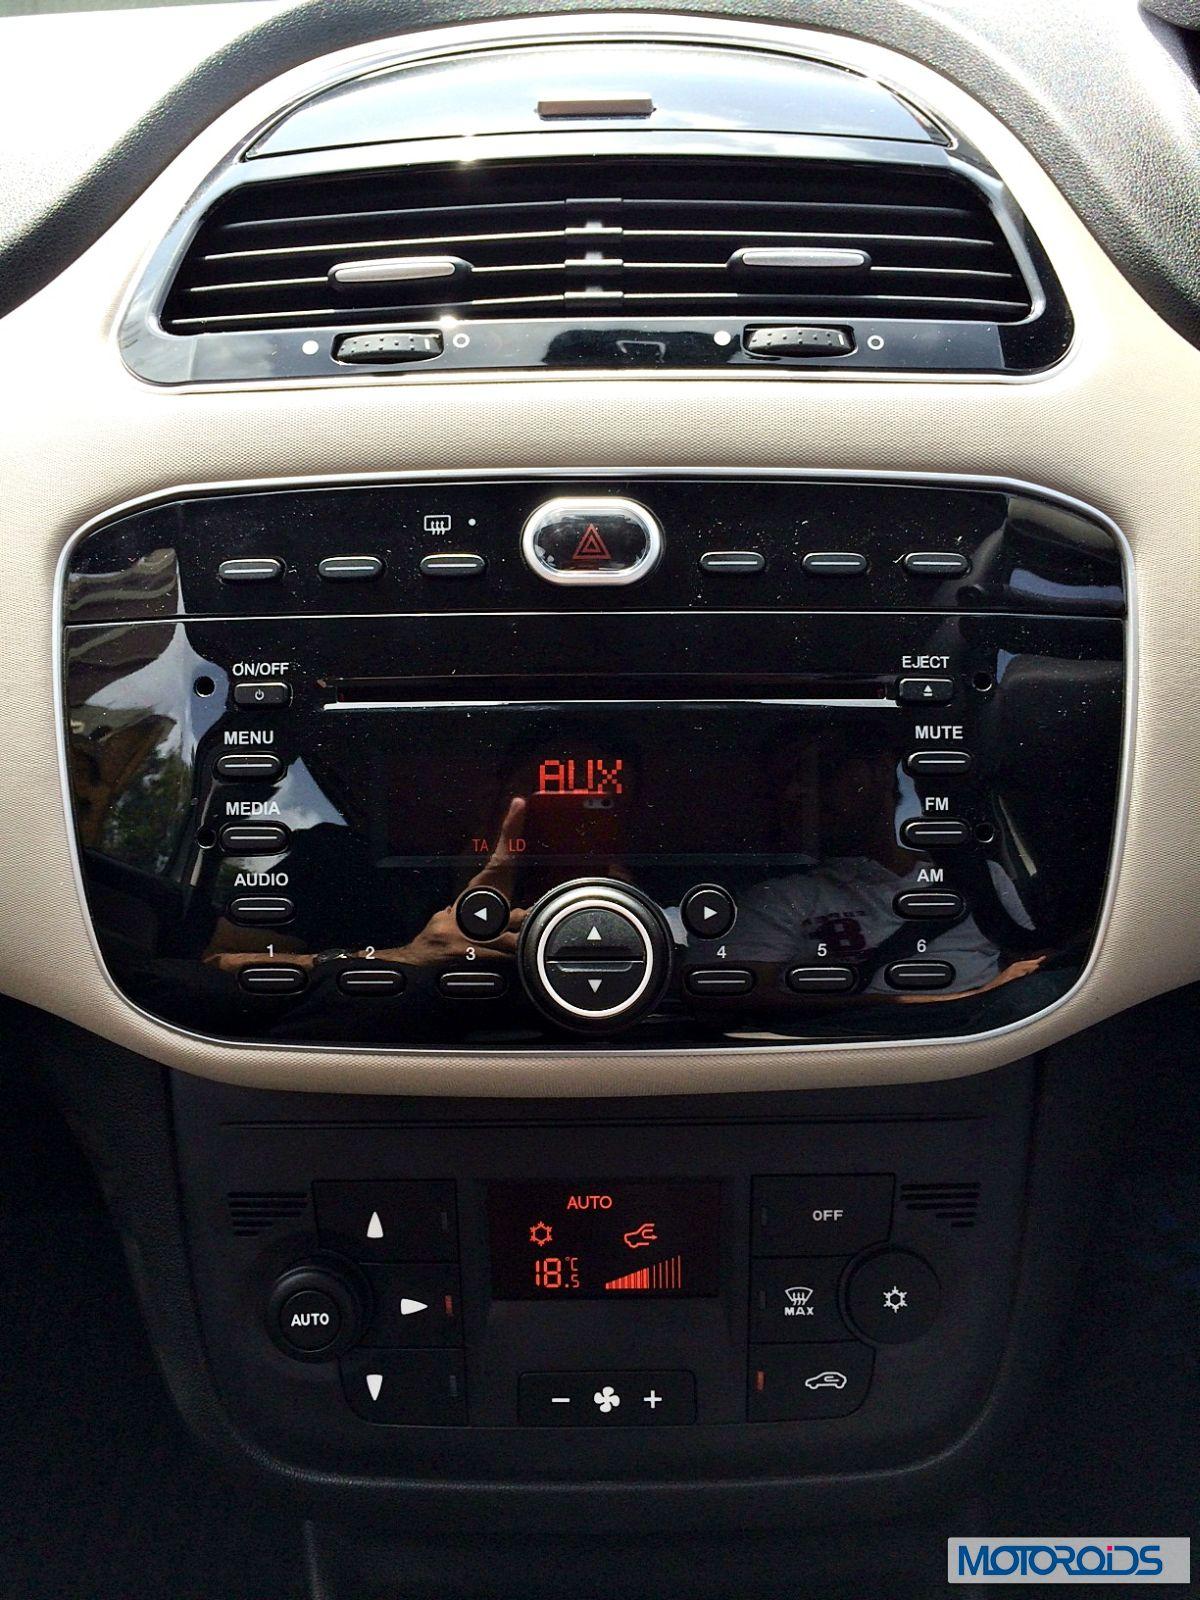 Punto Evo Dashboard 1 Motoroids Com